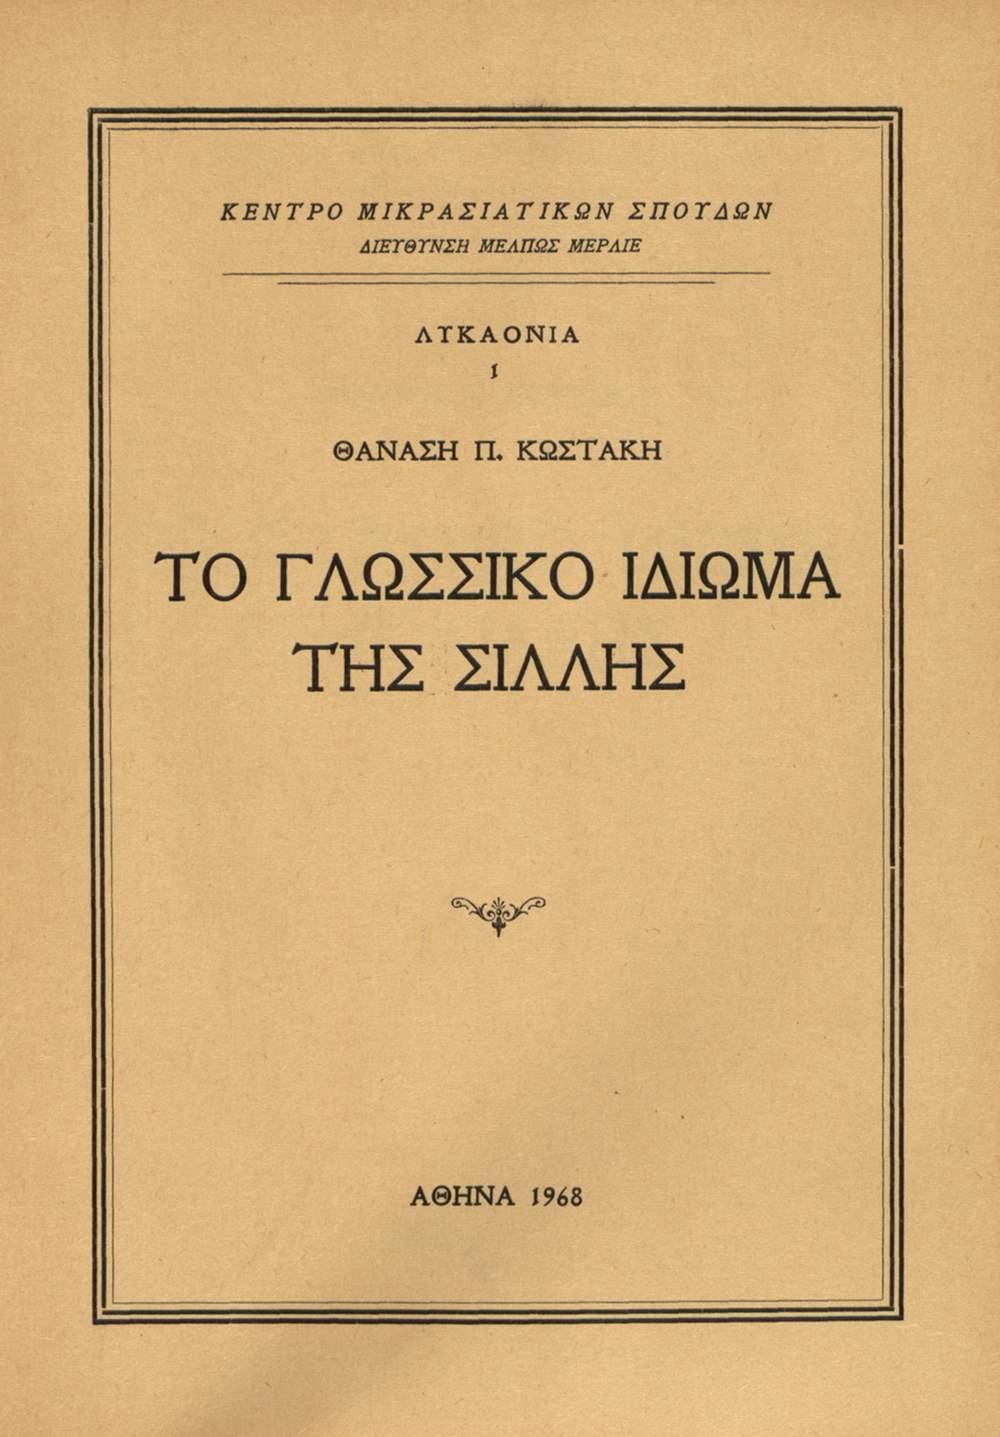 Κωστάκης - Το γλωσσικό ιδίωμα της Σίλλης